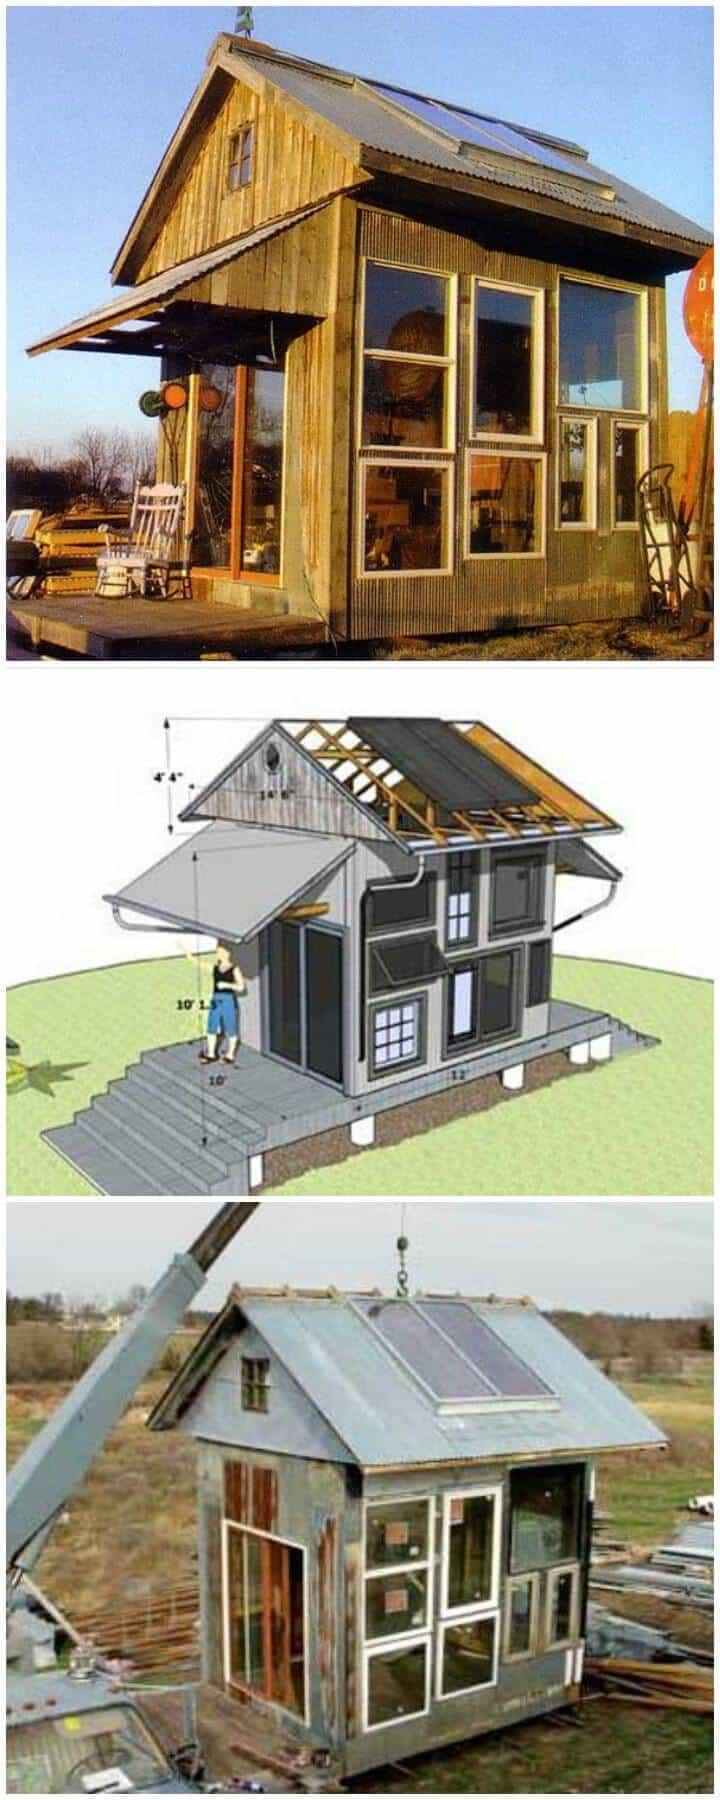 Casa de invitados / invernadero multiusos con calefacción solar y asequible para bricolaje